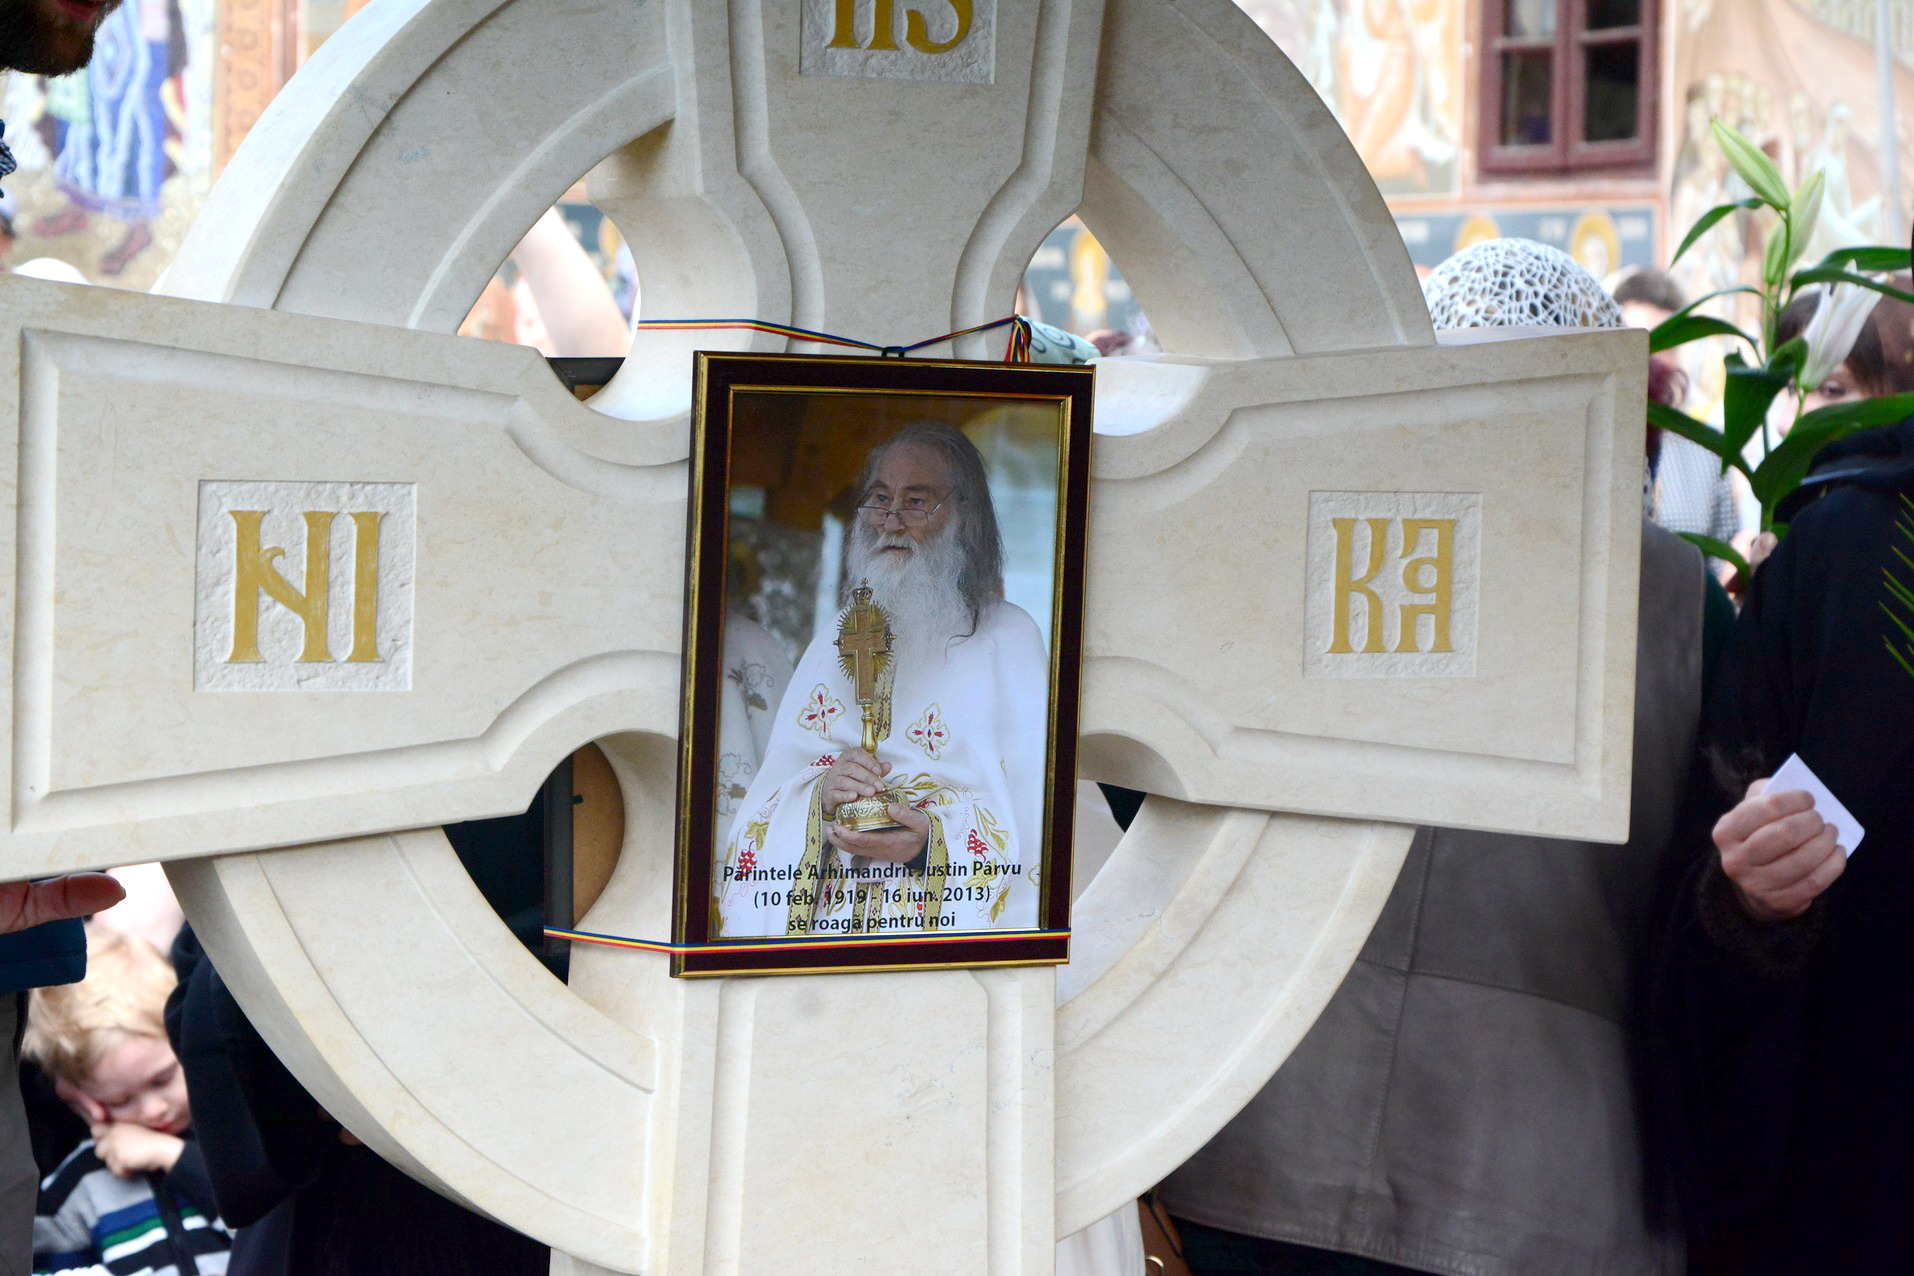 Crucea Parintelui Justin Parvu cu o foto de Cristina Nichitus Roncea - Foto Adrian Sarbu la Pomenirea de 4 Ani